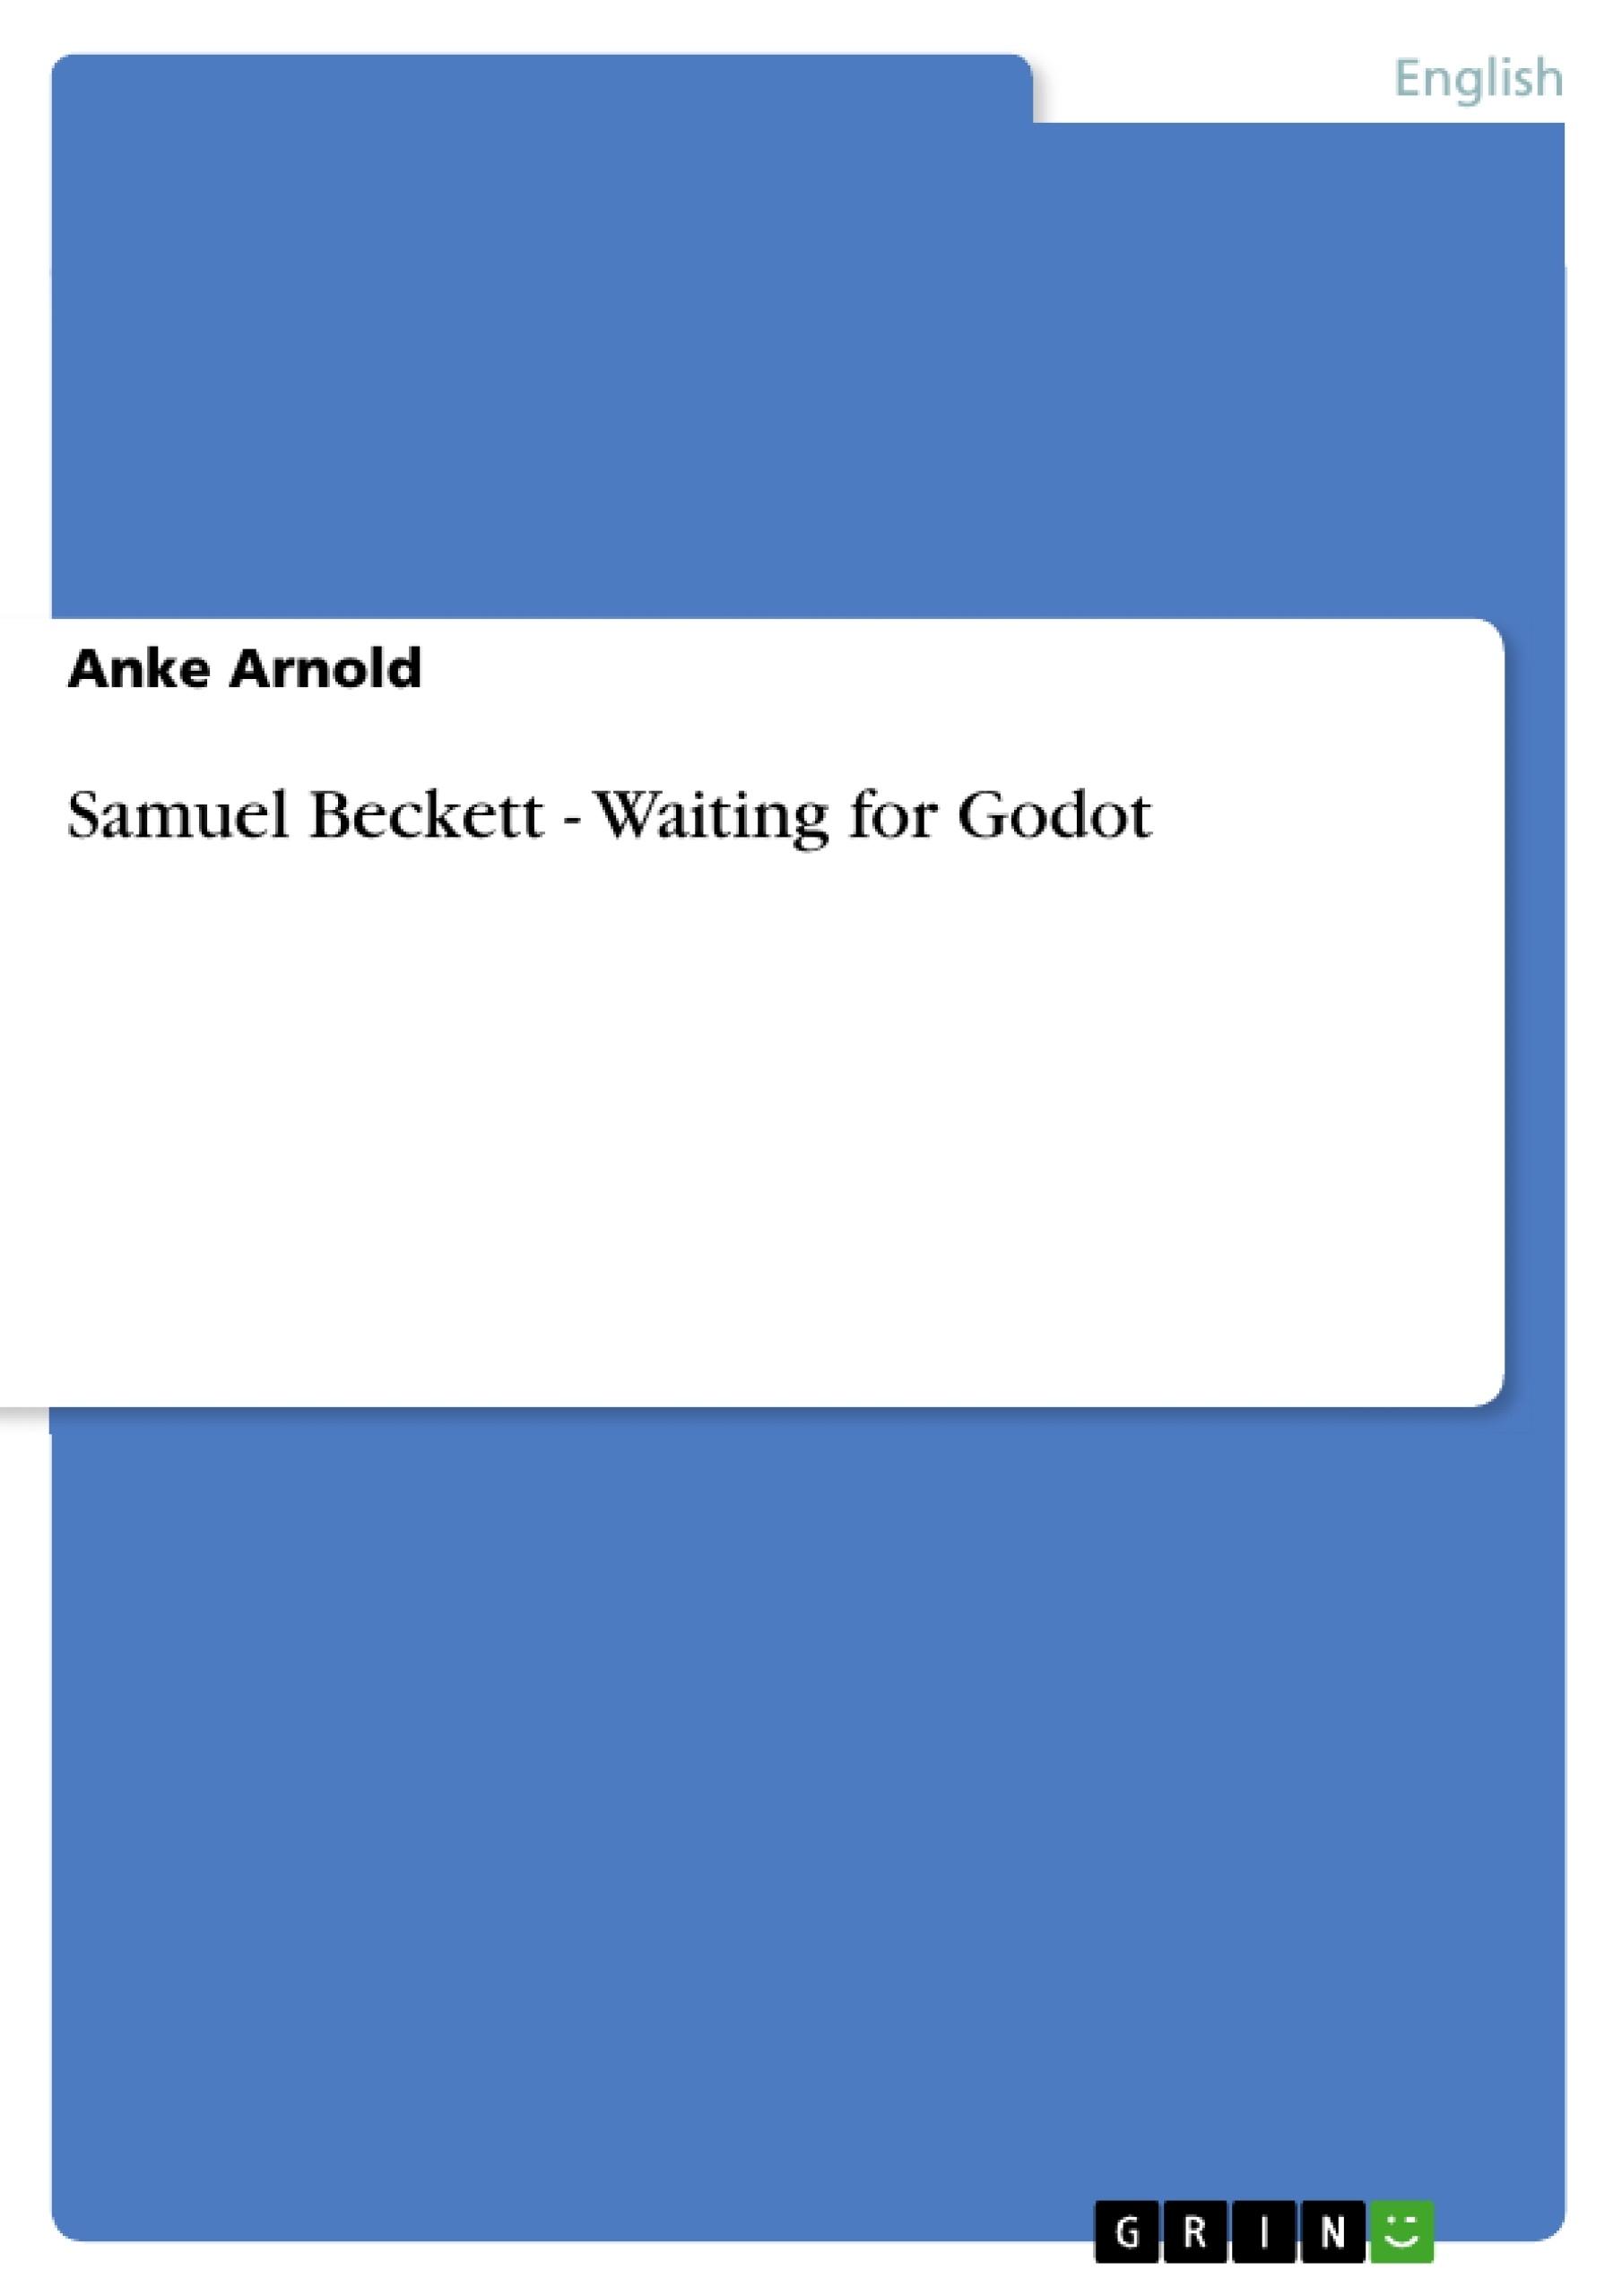 Title: Samuel Beckett - Waiting for Godot